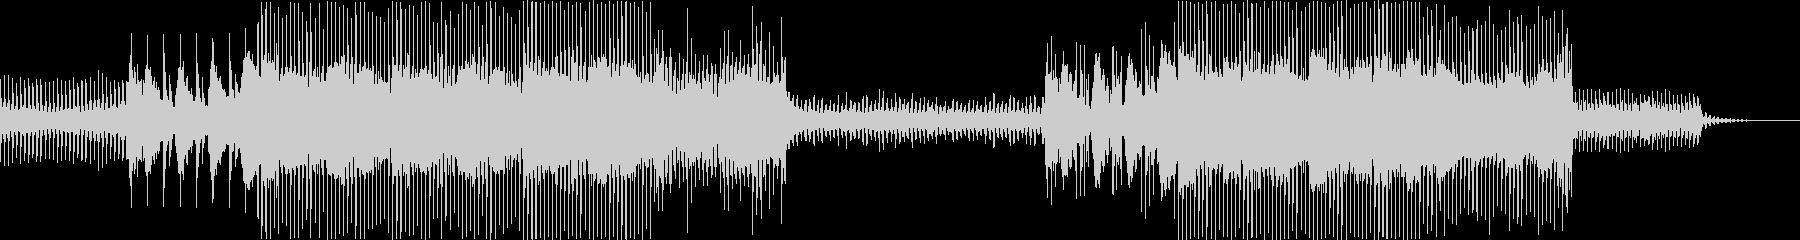 トロピカル EDM サイエンス 実験映画の未再生の波形